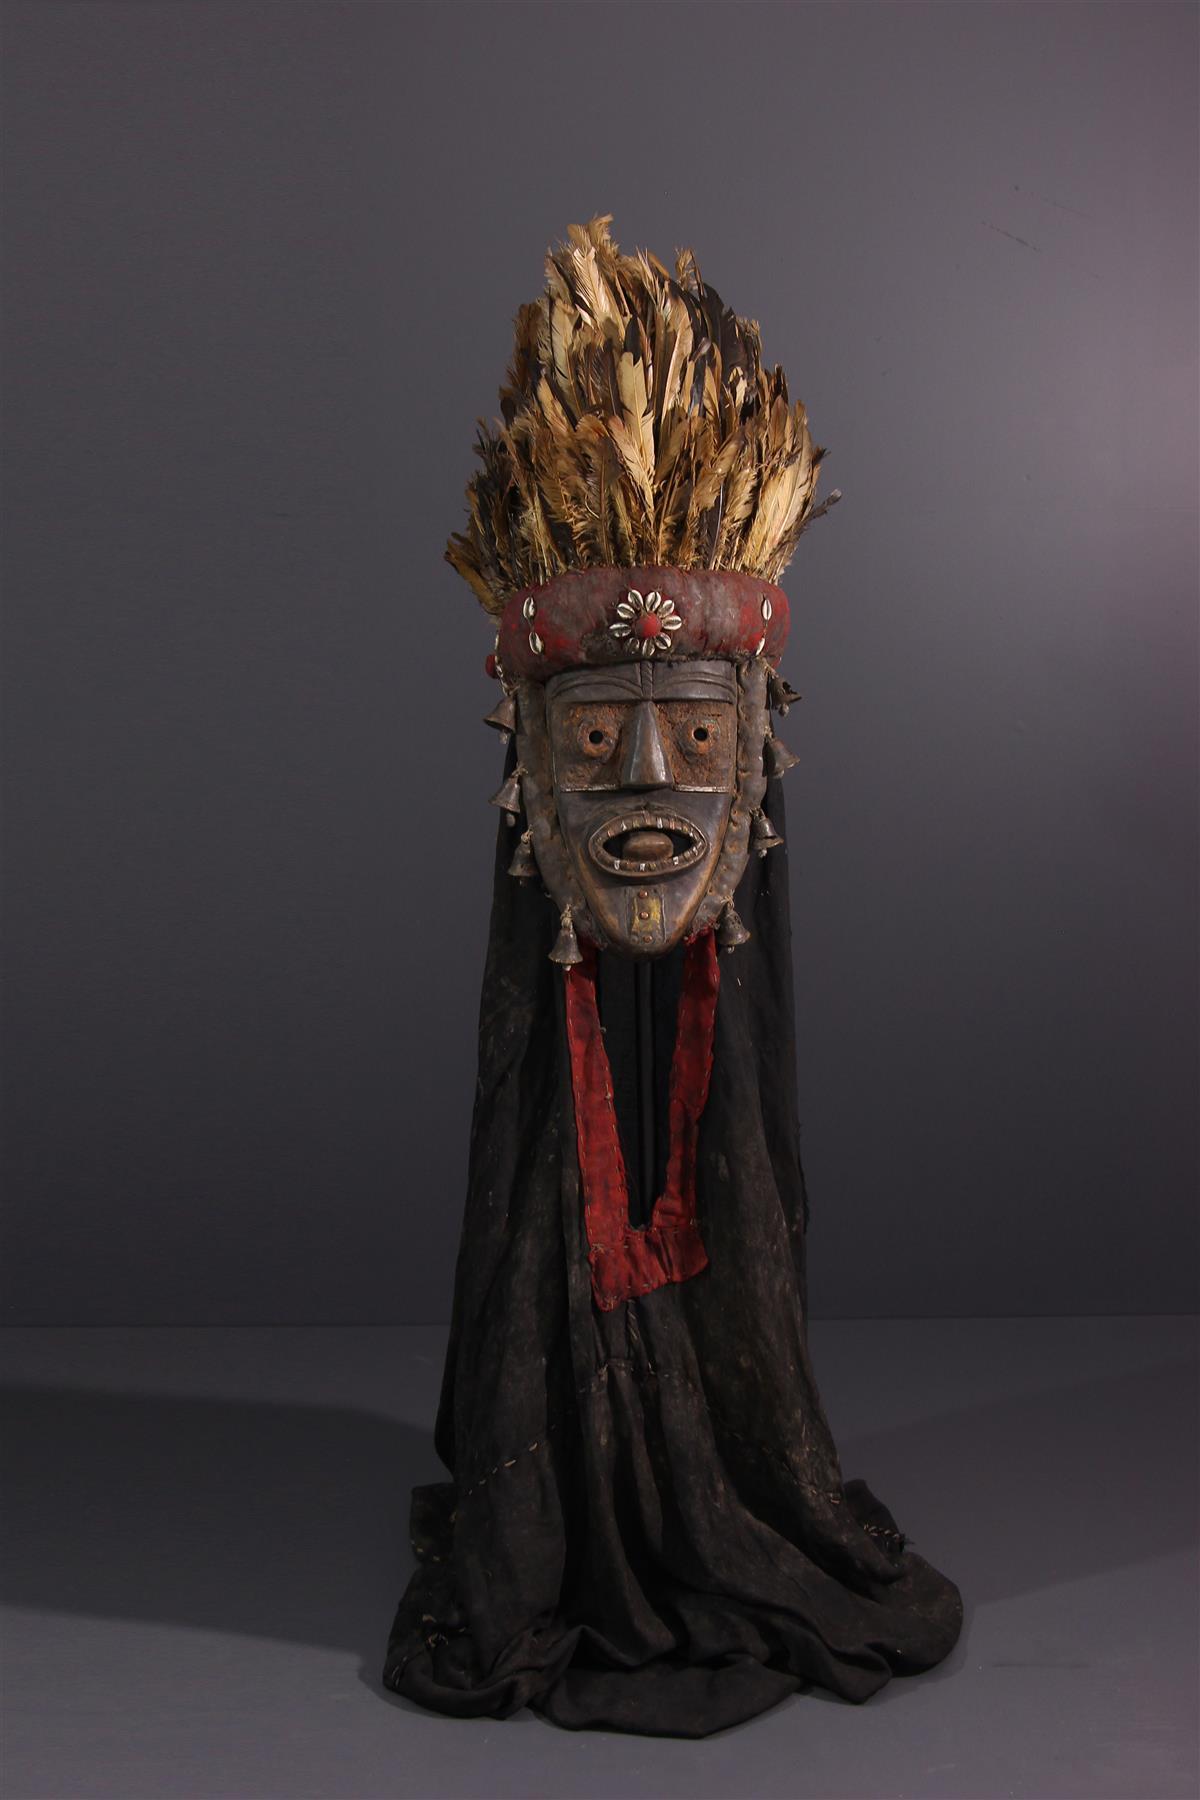 Toma mask - Tribal art